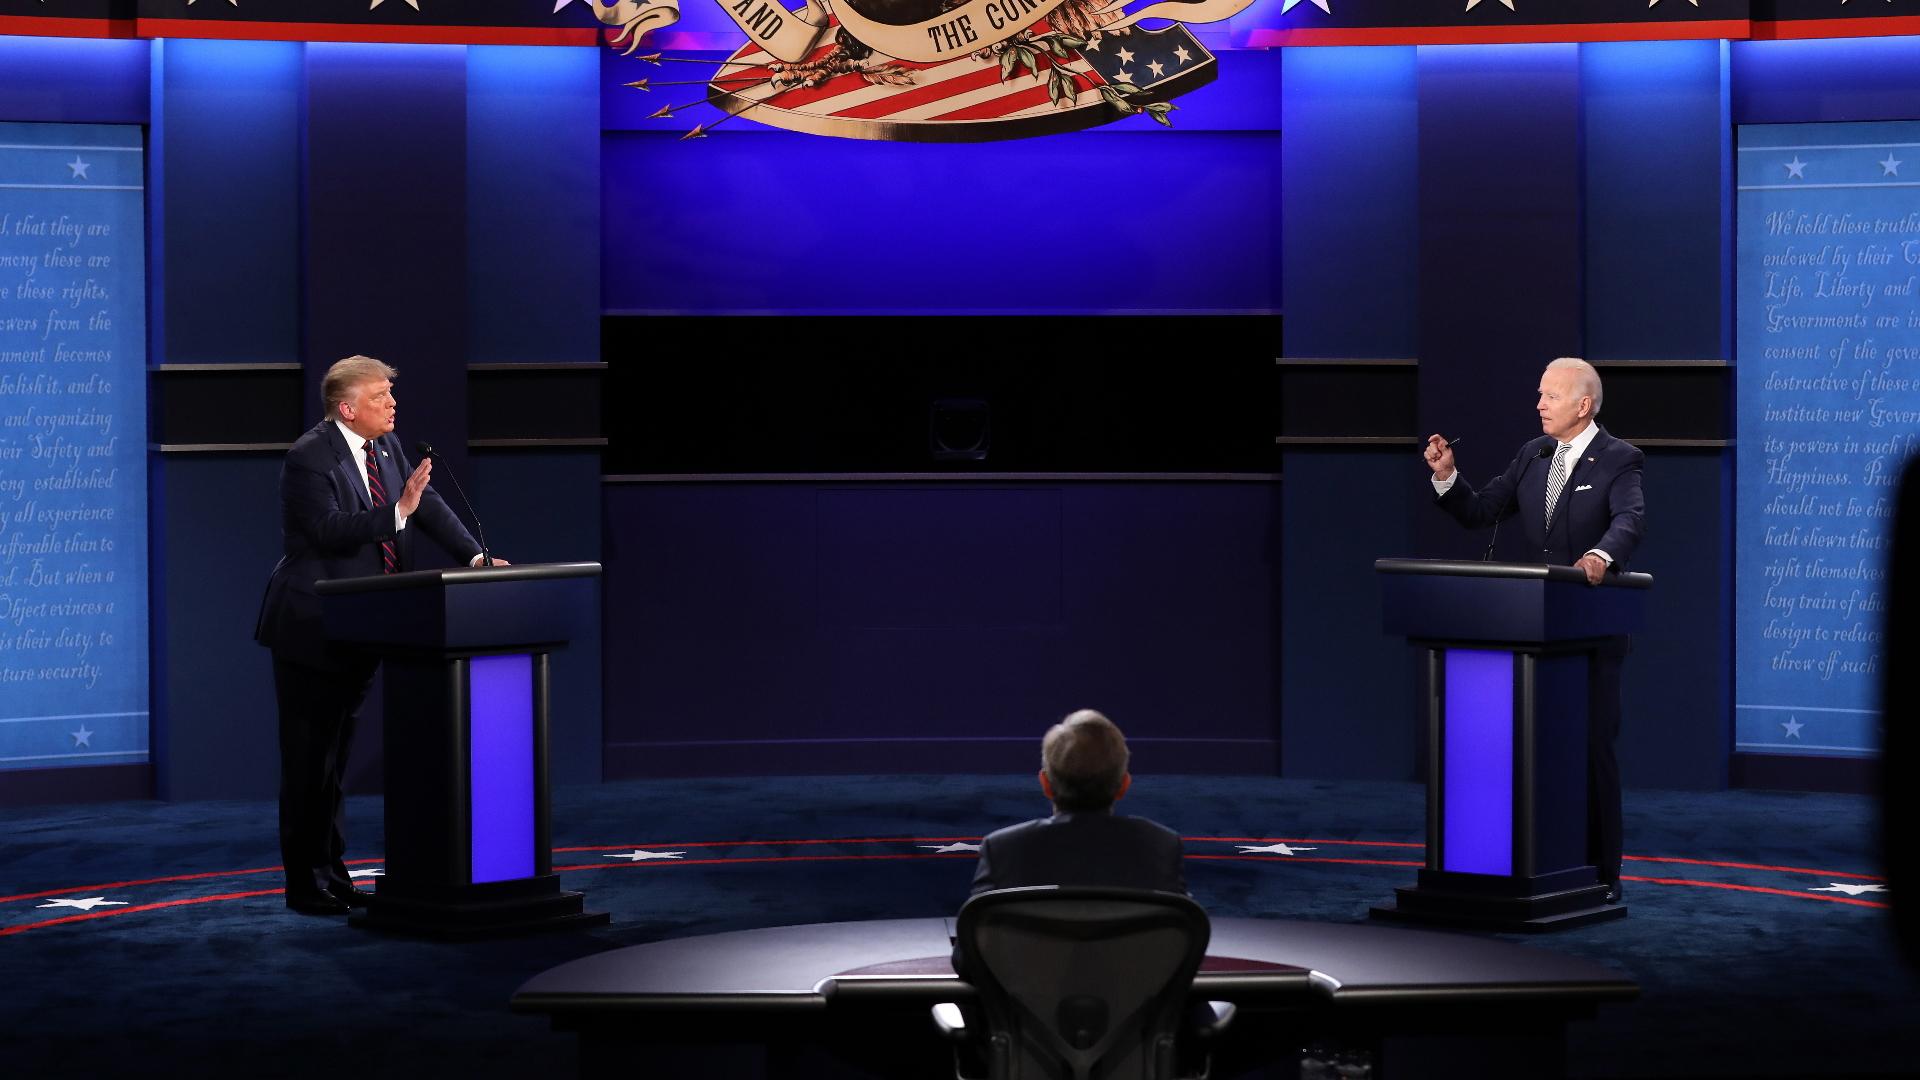 Estados Unidos debate presidencial Donald Trump Joe Biden 3